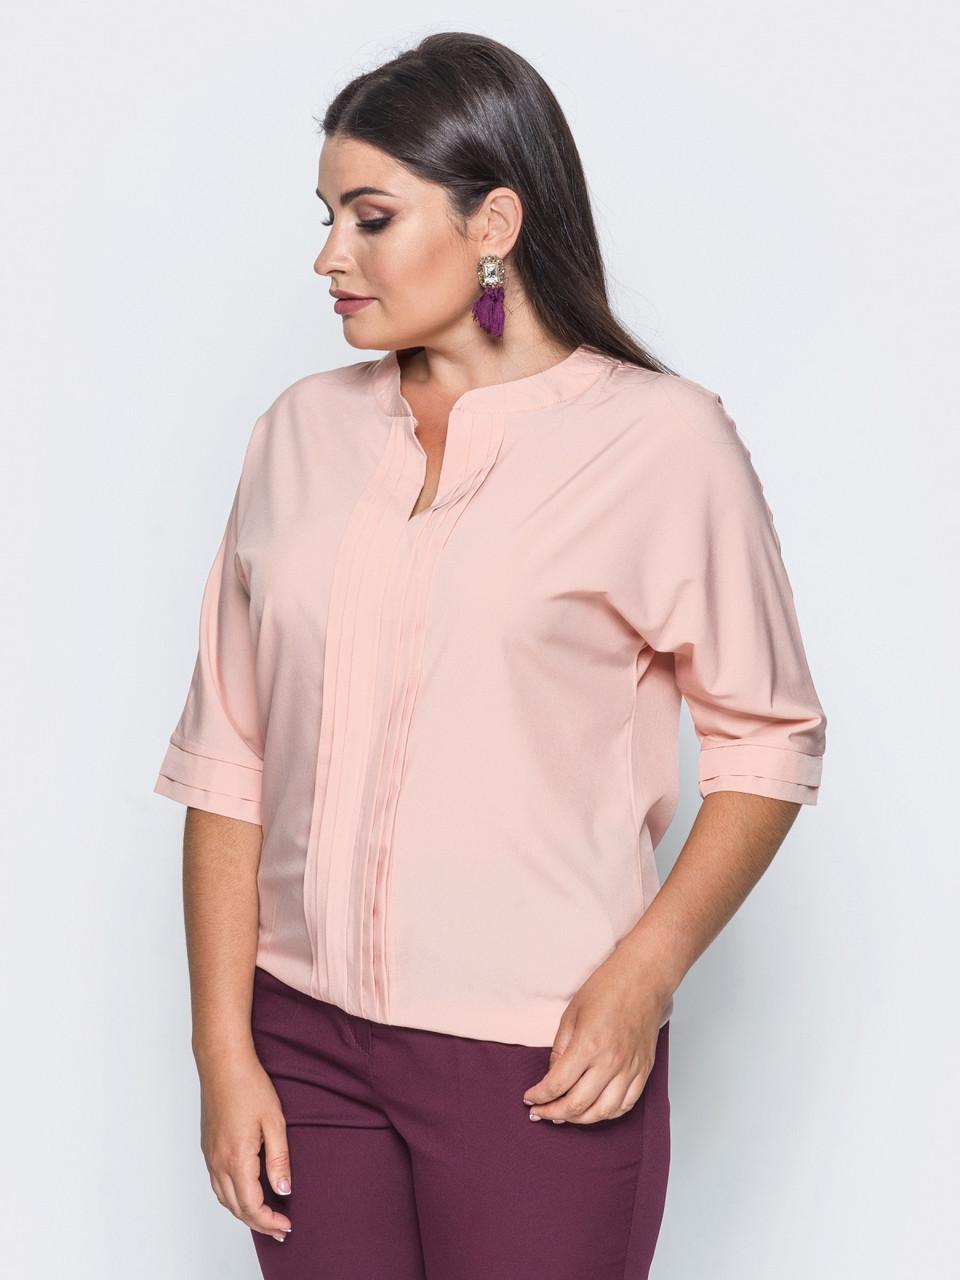 0893bdee42a 👶Нежная персиковая блузка с V-образным вырезом (с рукавом 3 4 ...